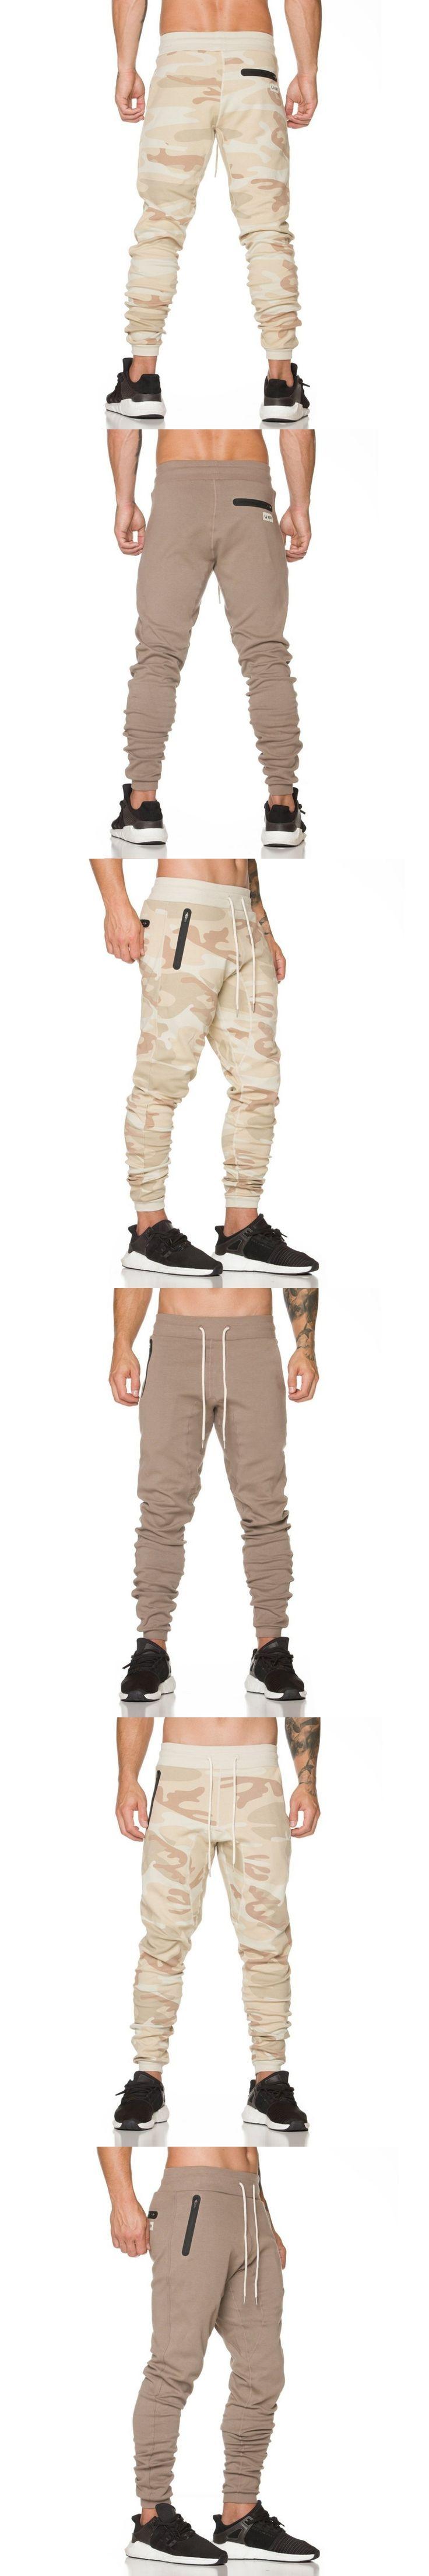 2017 Mens Boutique Autumn Pencil Harem Pants Men Military Jogger Gyms Pants Comfortable Trousers Camo Joggers M-XXL